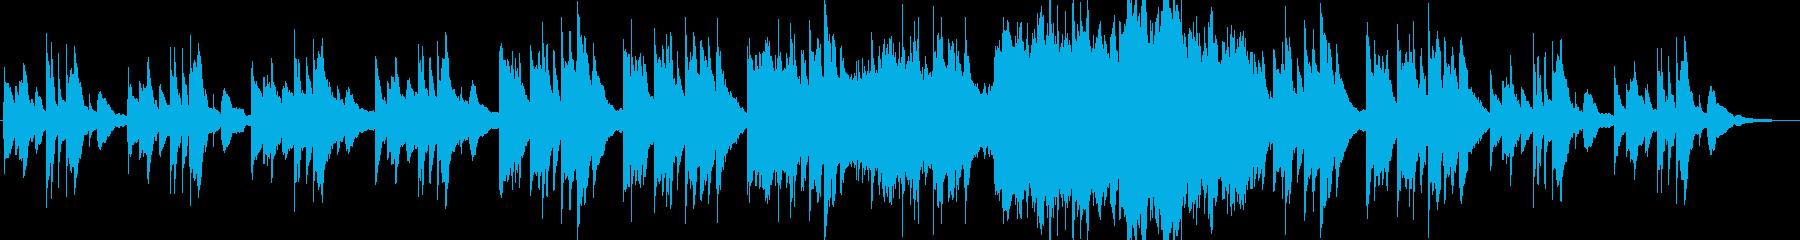 切ない雰囲気の綺麗なクラシックBGMの再生済みの波形